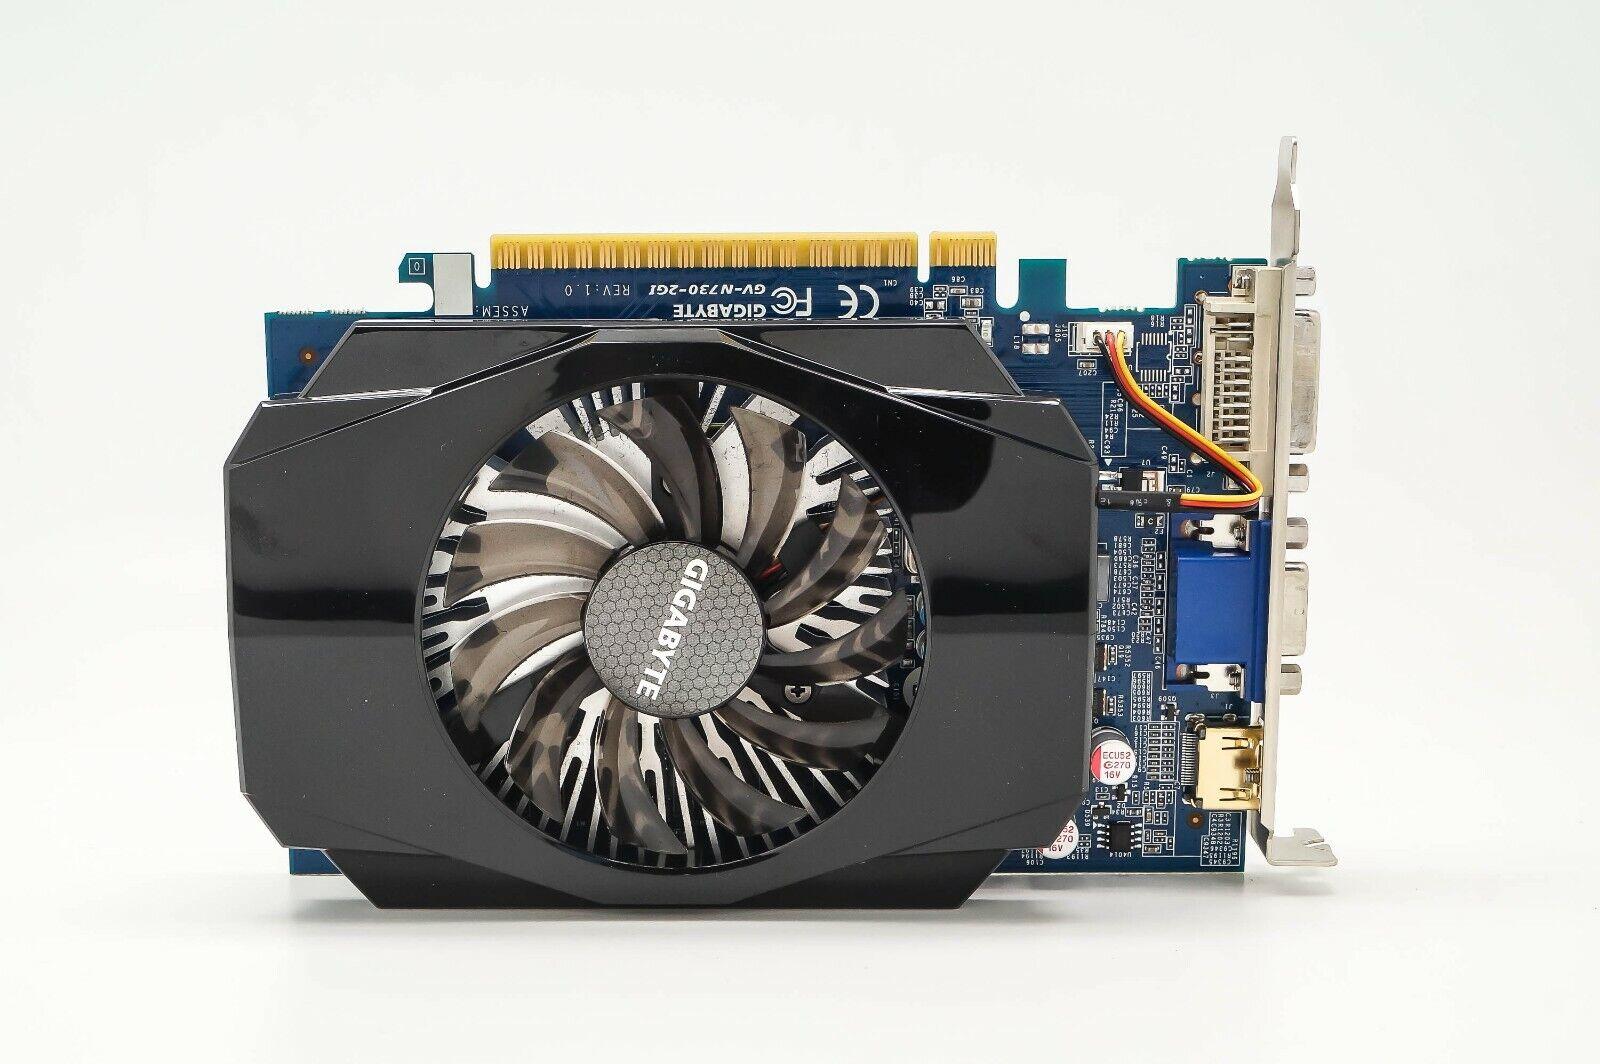 Gigabyte GV-N730-2GI GT730 PCI Video Graphics Card